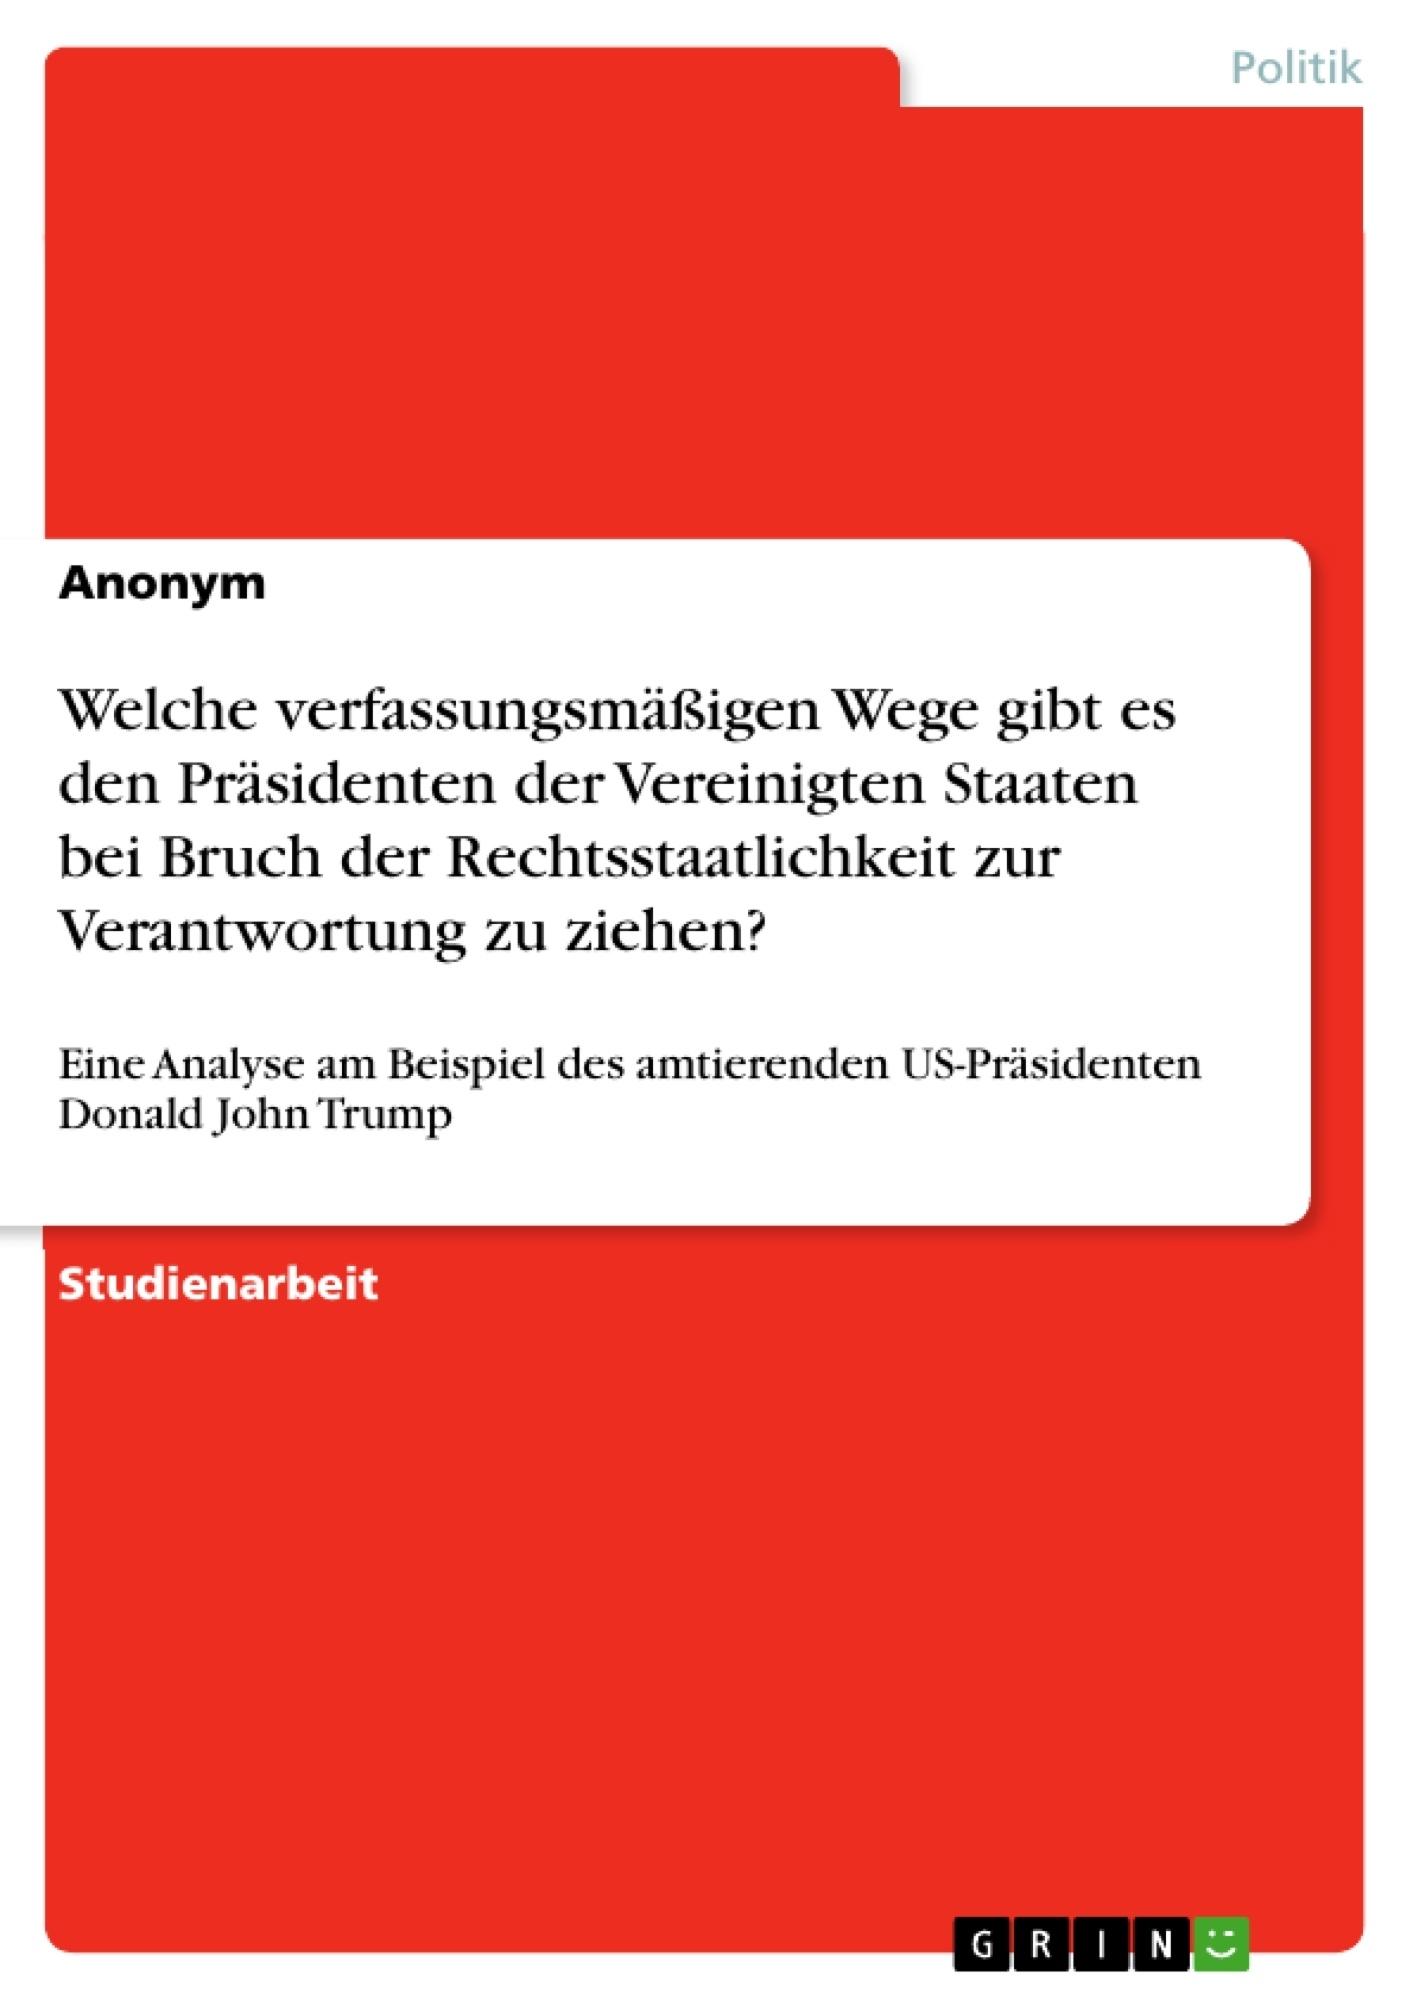 Titel: Welche verfassungsmäßigen Wege gibt es den Präsidenten der Vereinigten Staaten bei Bruch der Rechtsstaatlichkeit zur Verantwortung zu ziehen?